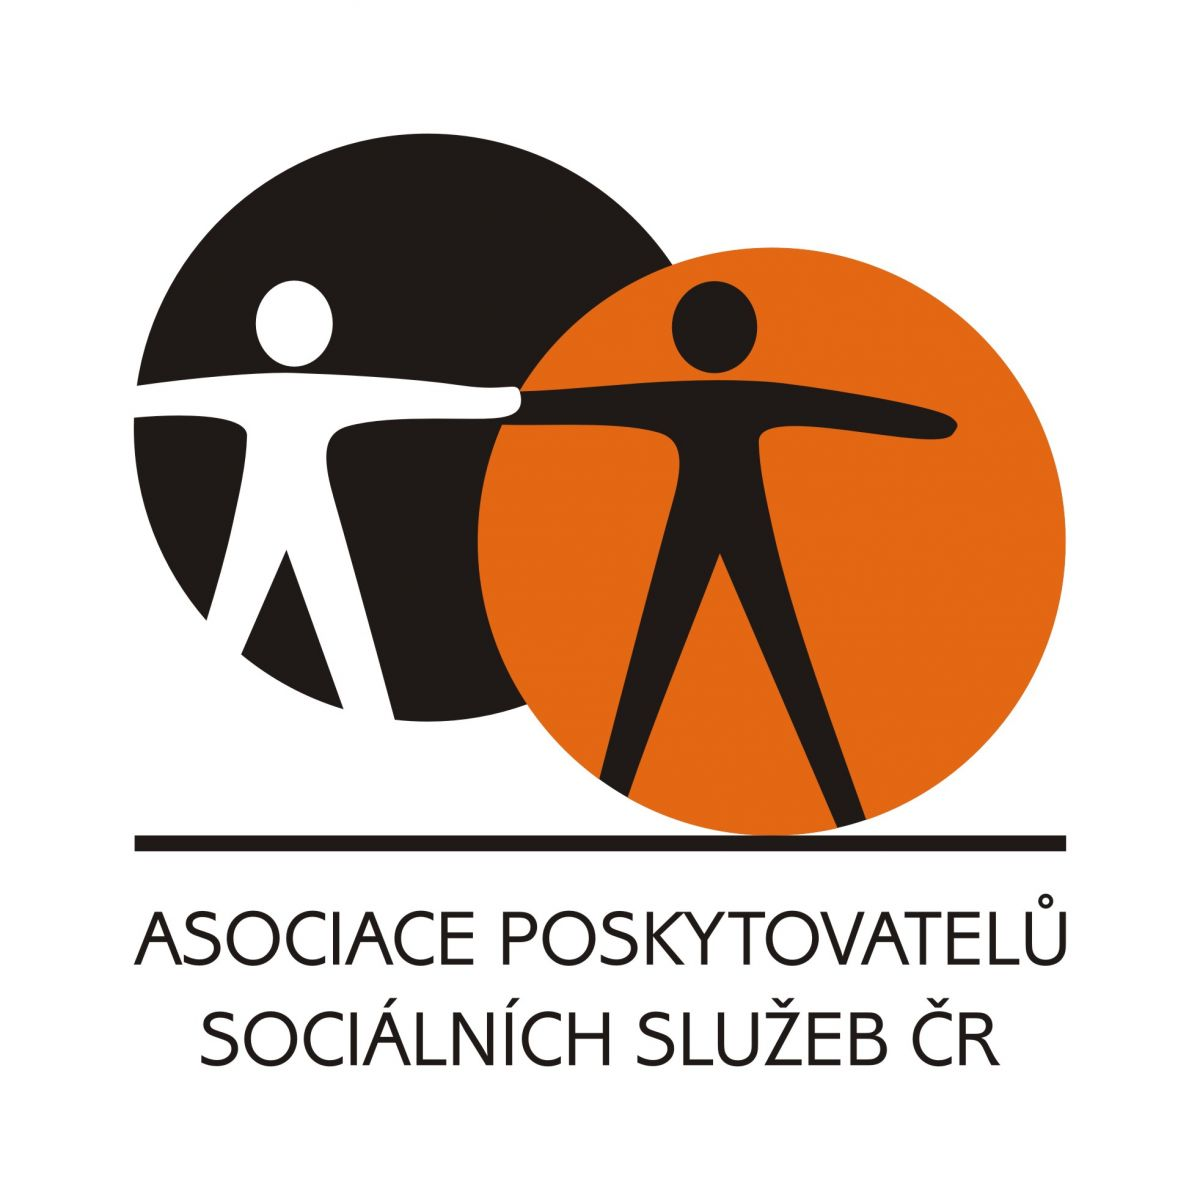 Asociace Poskytovatelů Sociálních služeb čr